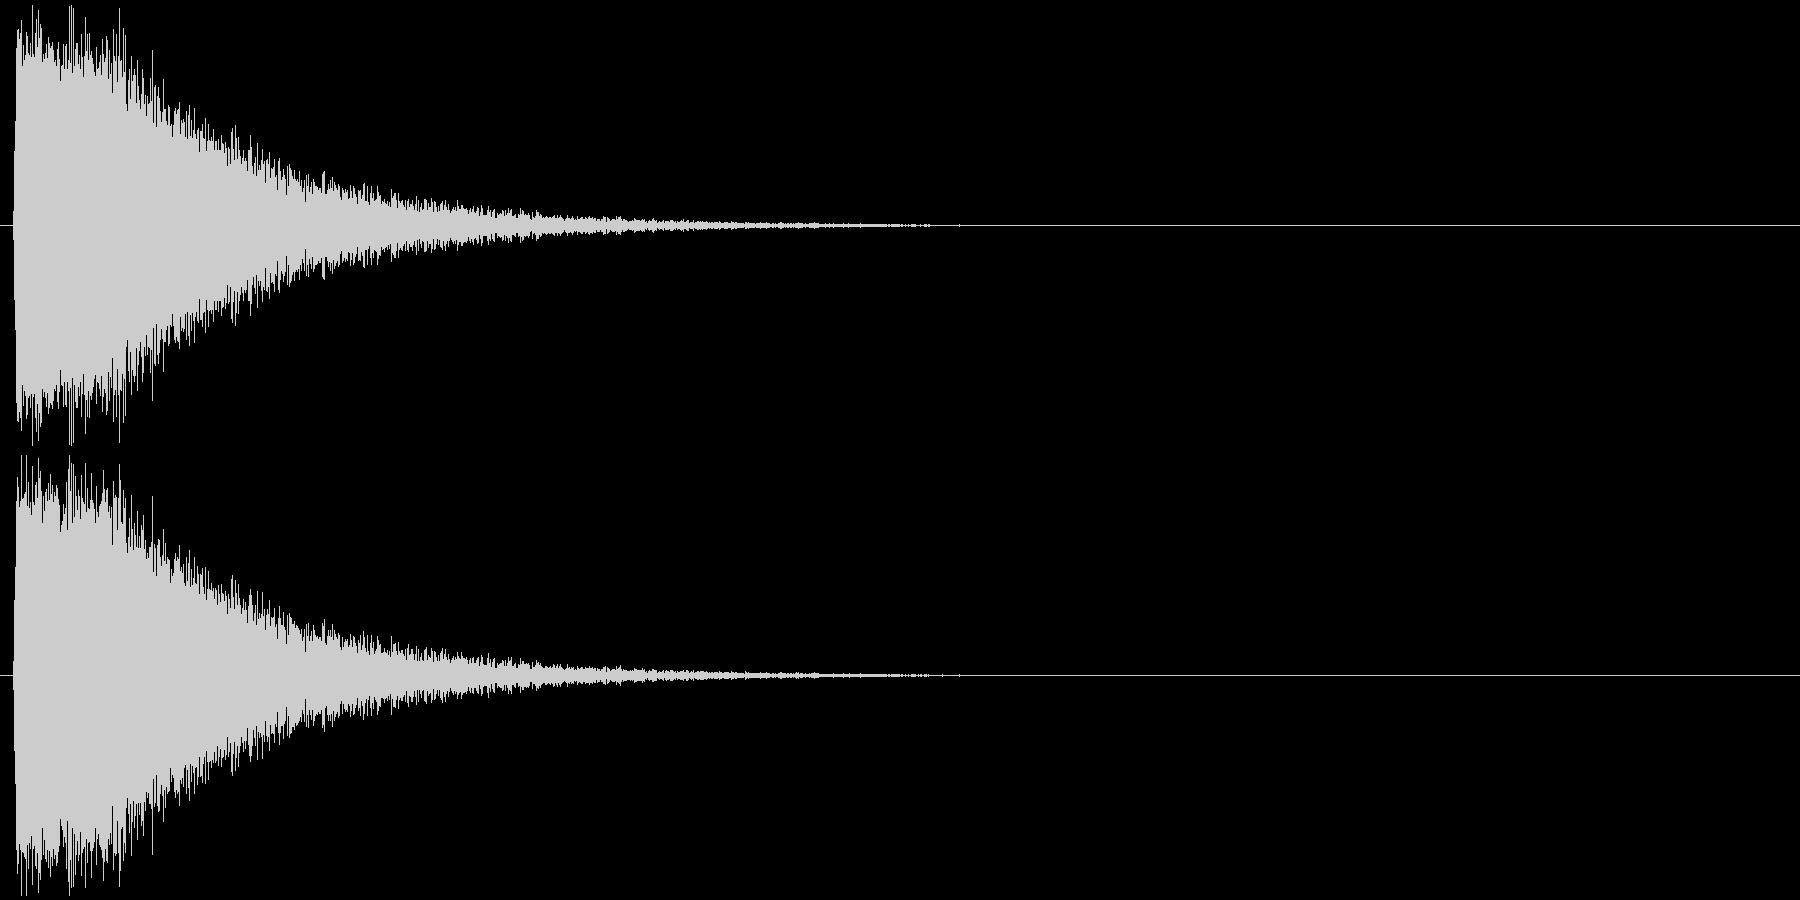 派手なレーザー発射 ピシューン 砲撃 の未再生の波形